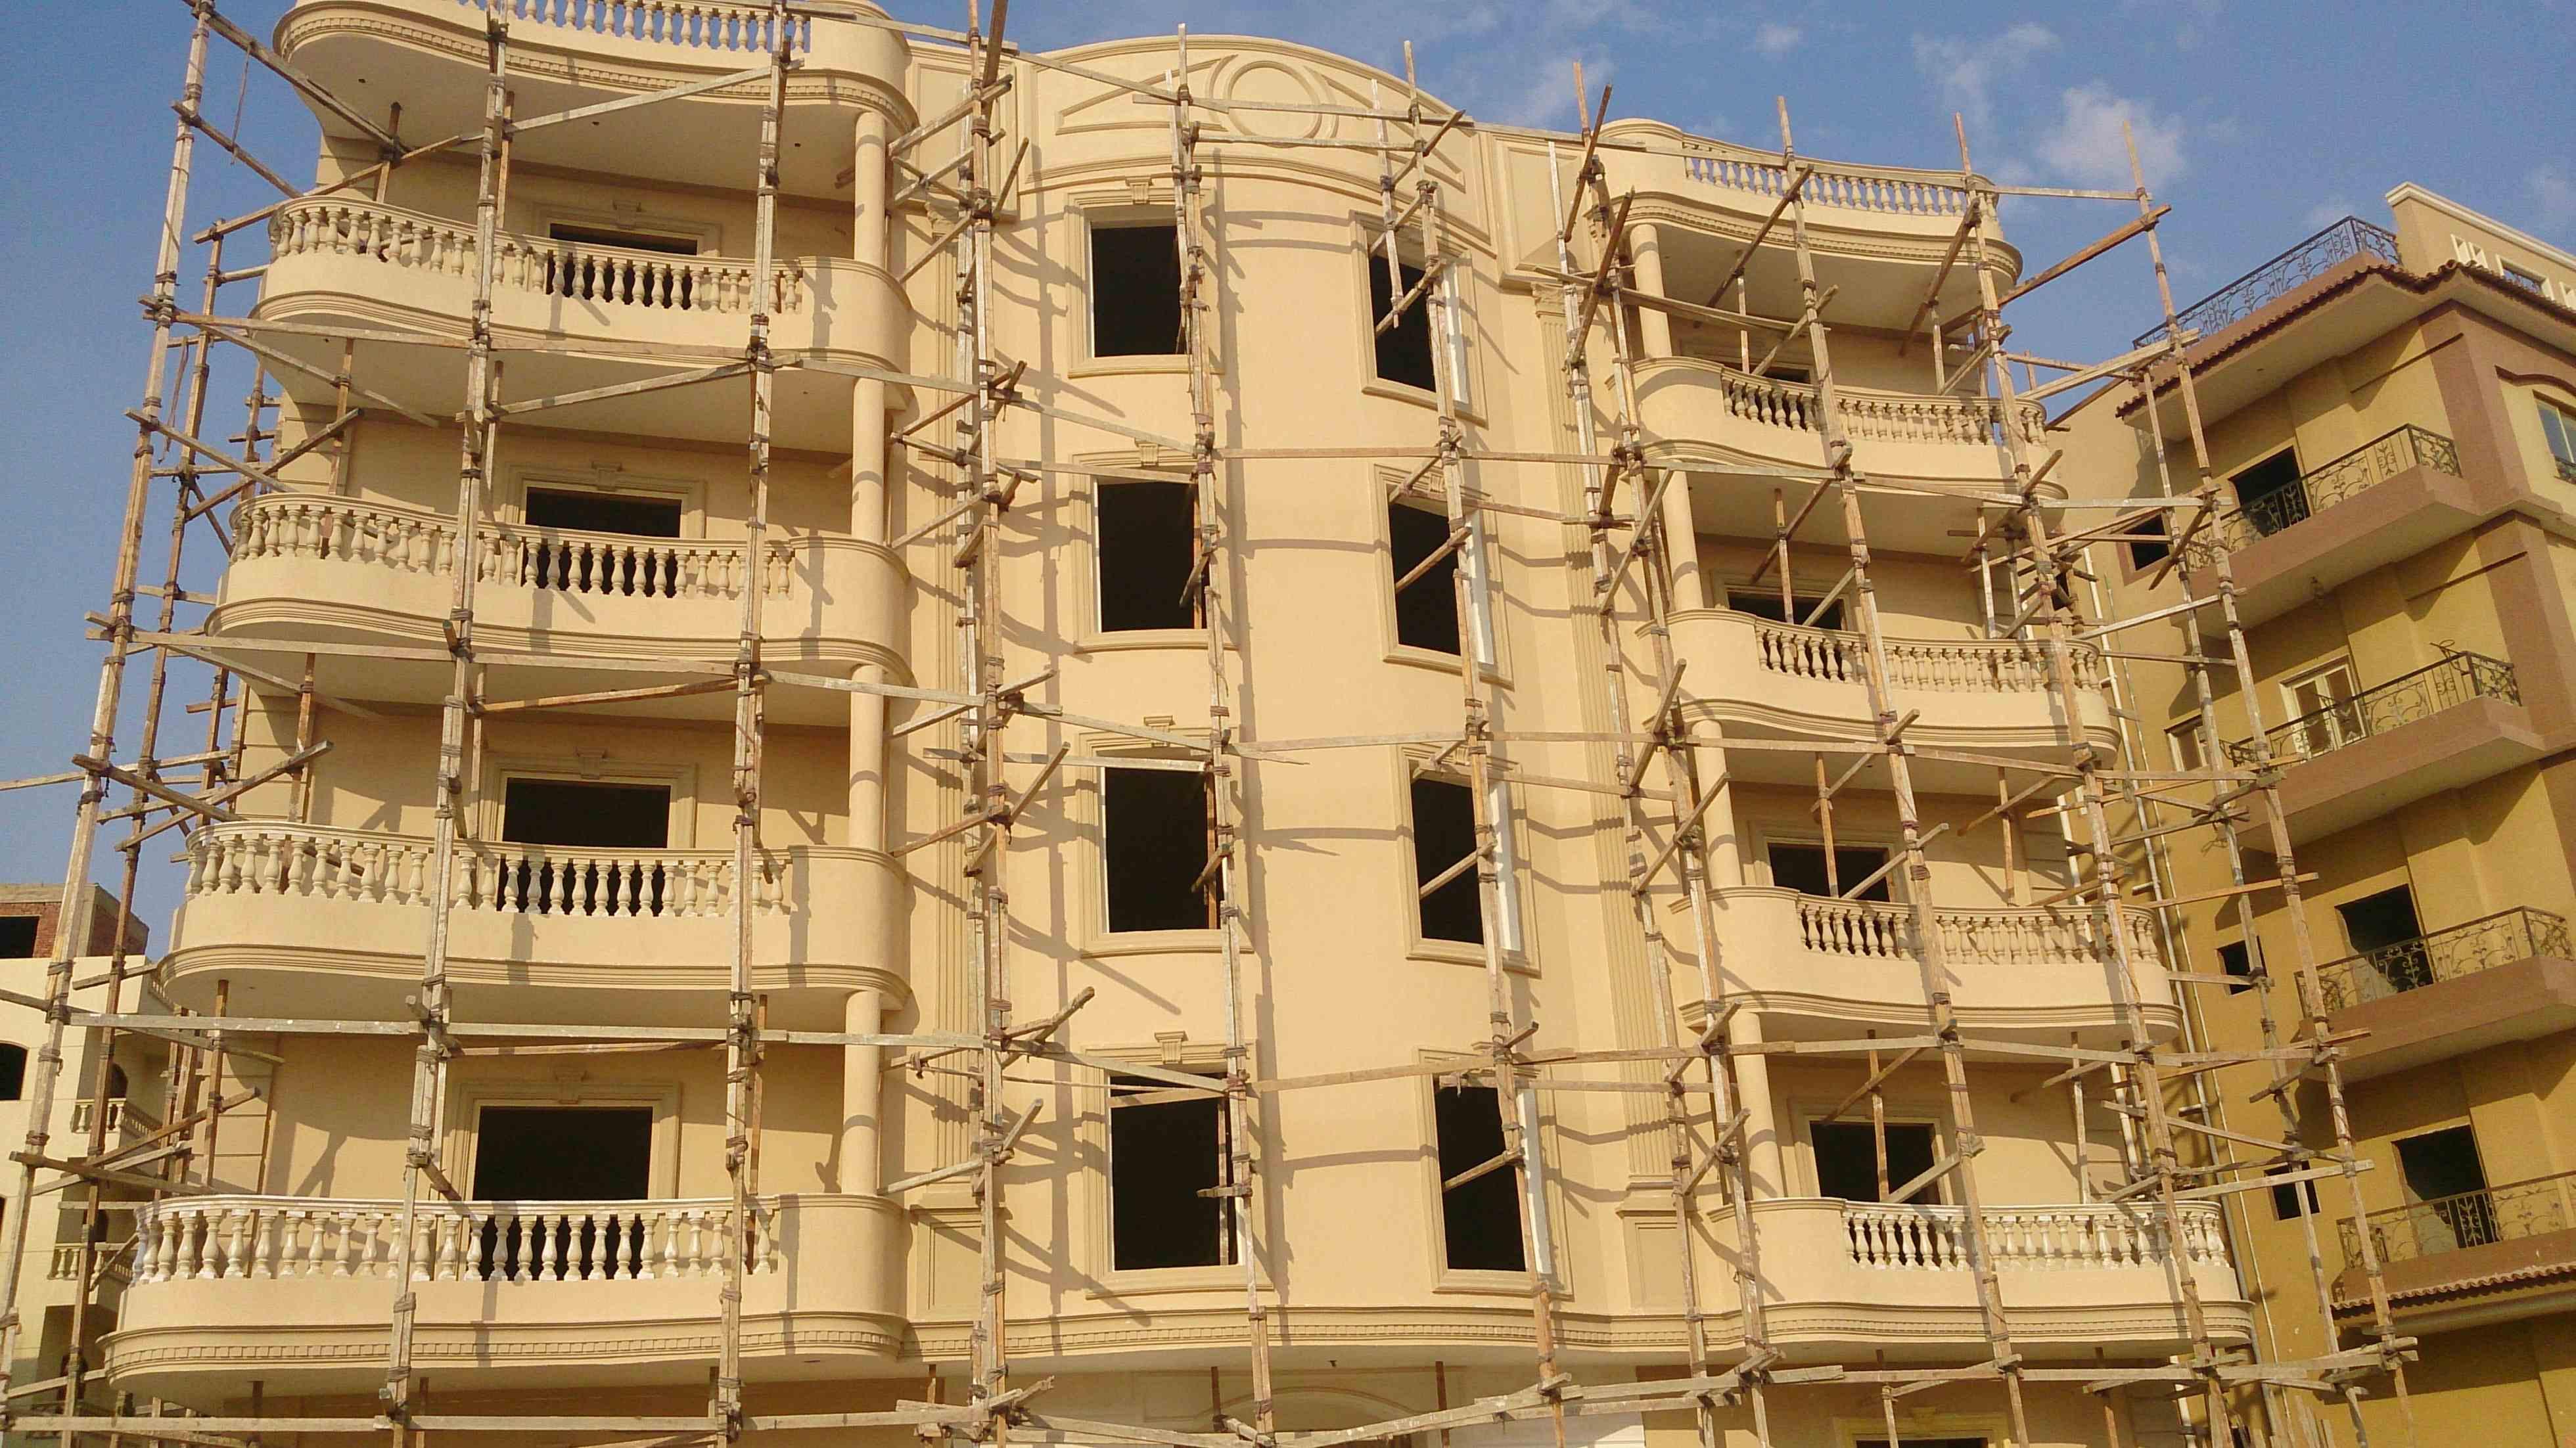 عقار ستوك -  شقق 210 م و 231 م ارضى بحديقة 40 متر  بعمارات النرجس 2  القاهرة الجديدة